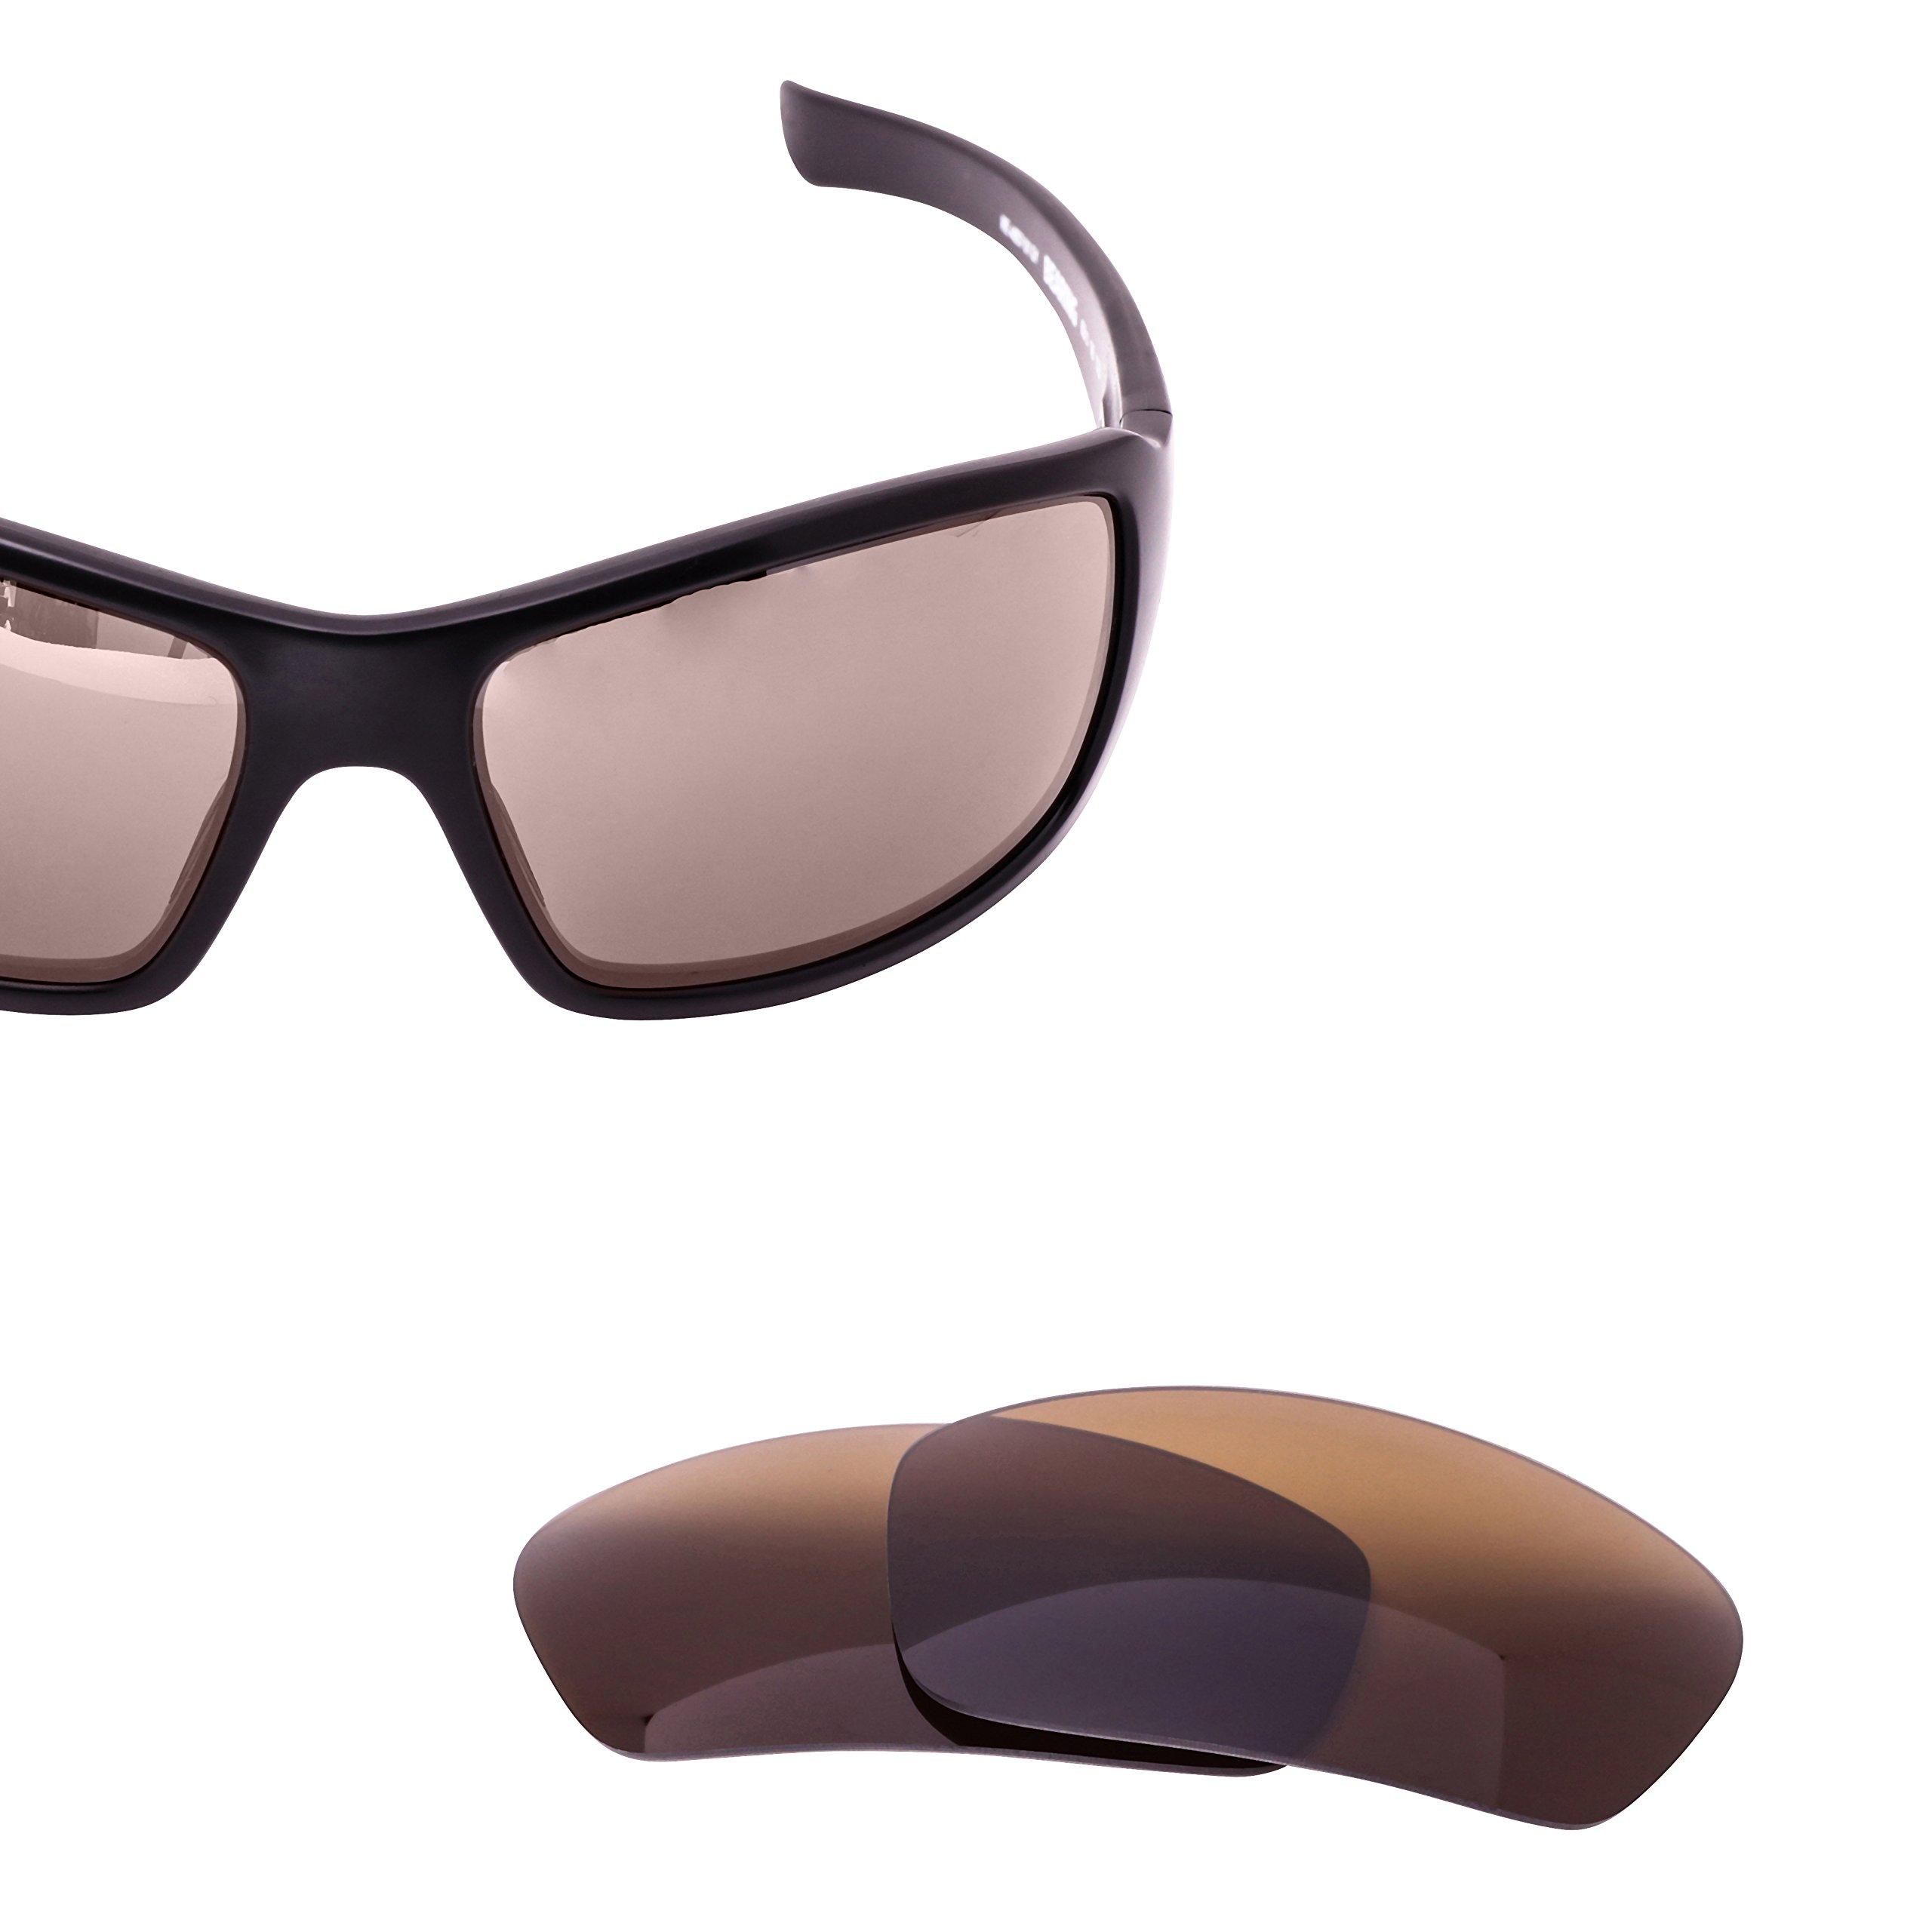 LenzFlip Replacement Lenses for Revo BEARING Sunglass - Brown Polarized Lenses